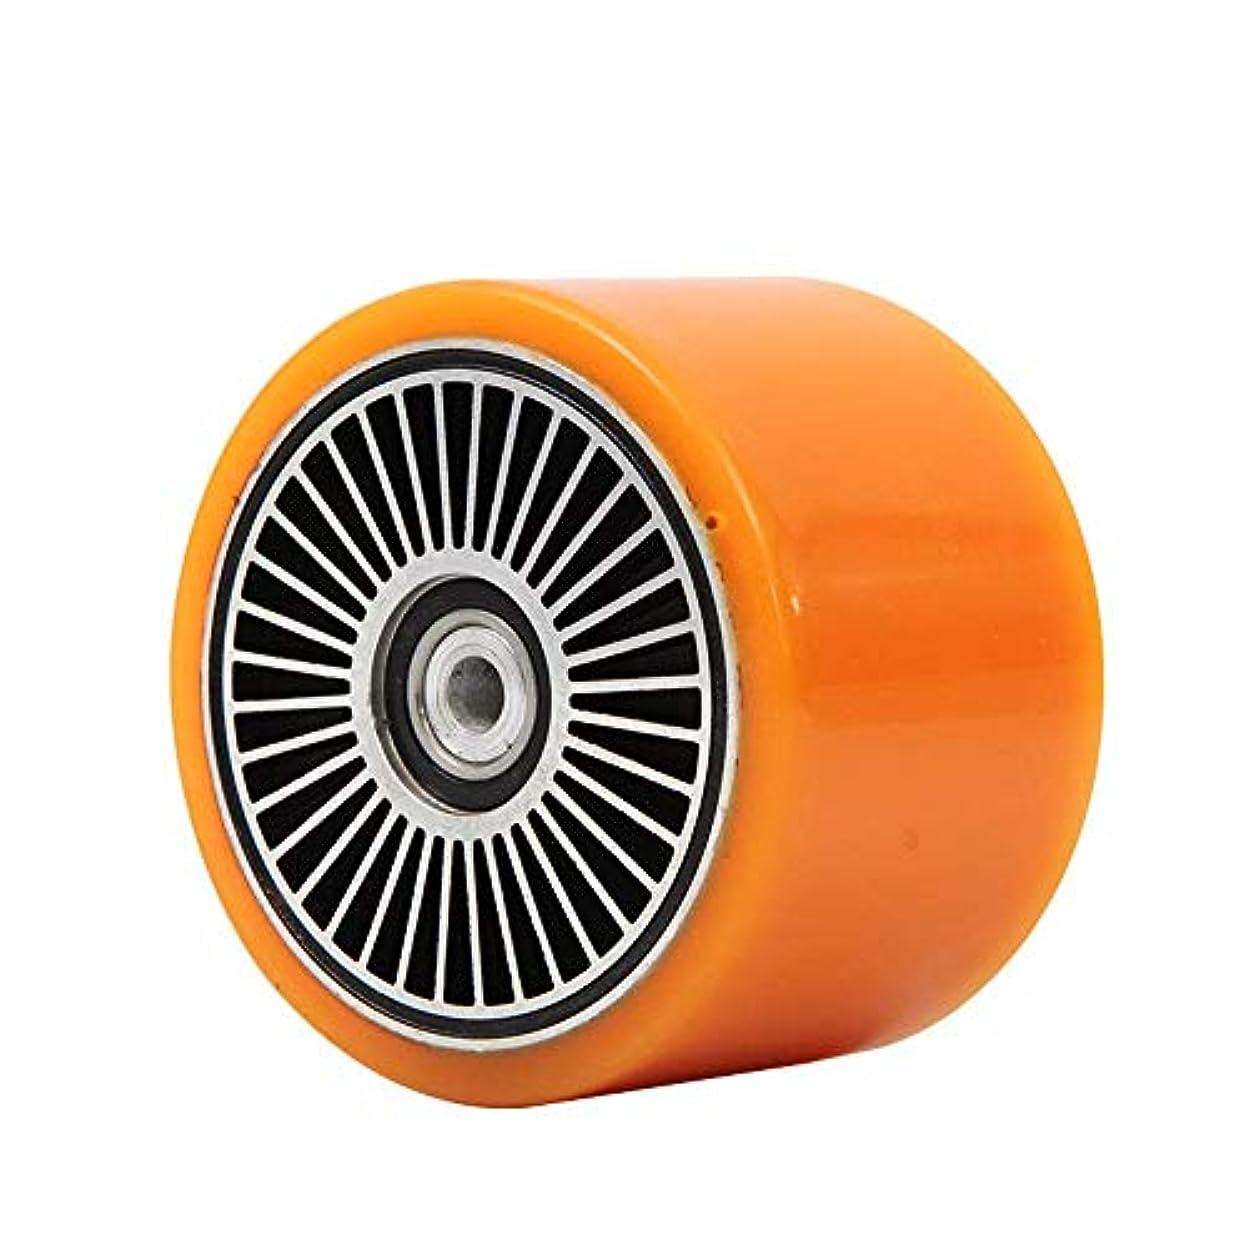 ヘロイン縮約ピカソ電動スクーターアクセサリー、90mm 300wホールブラシレスDCモーター、低ノイズ銅コア、長寿命、四輪スケートボードに最適